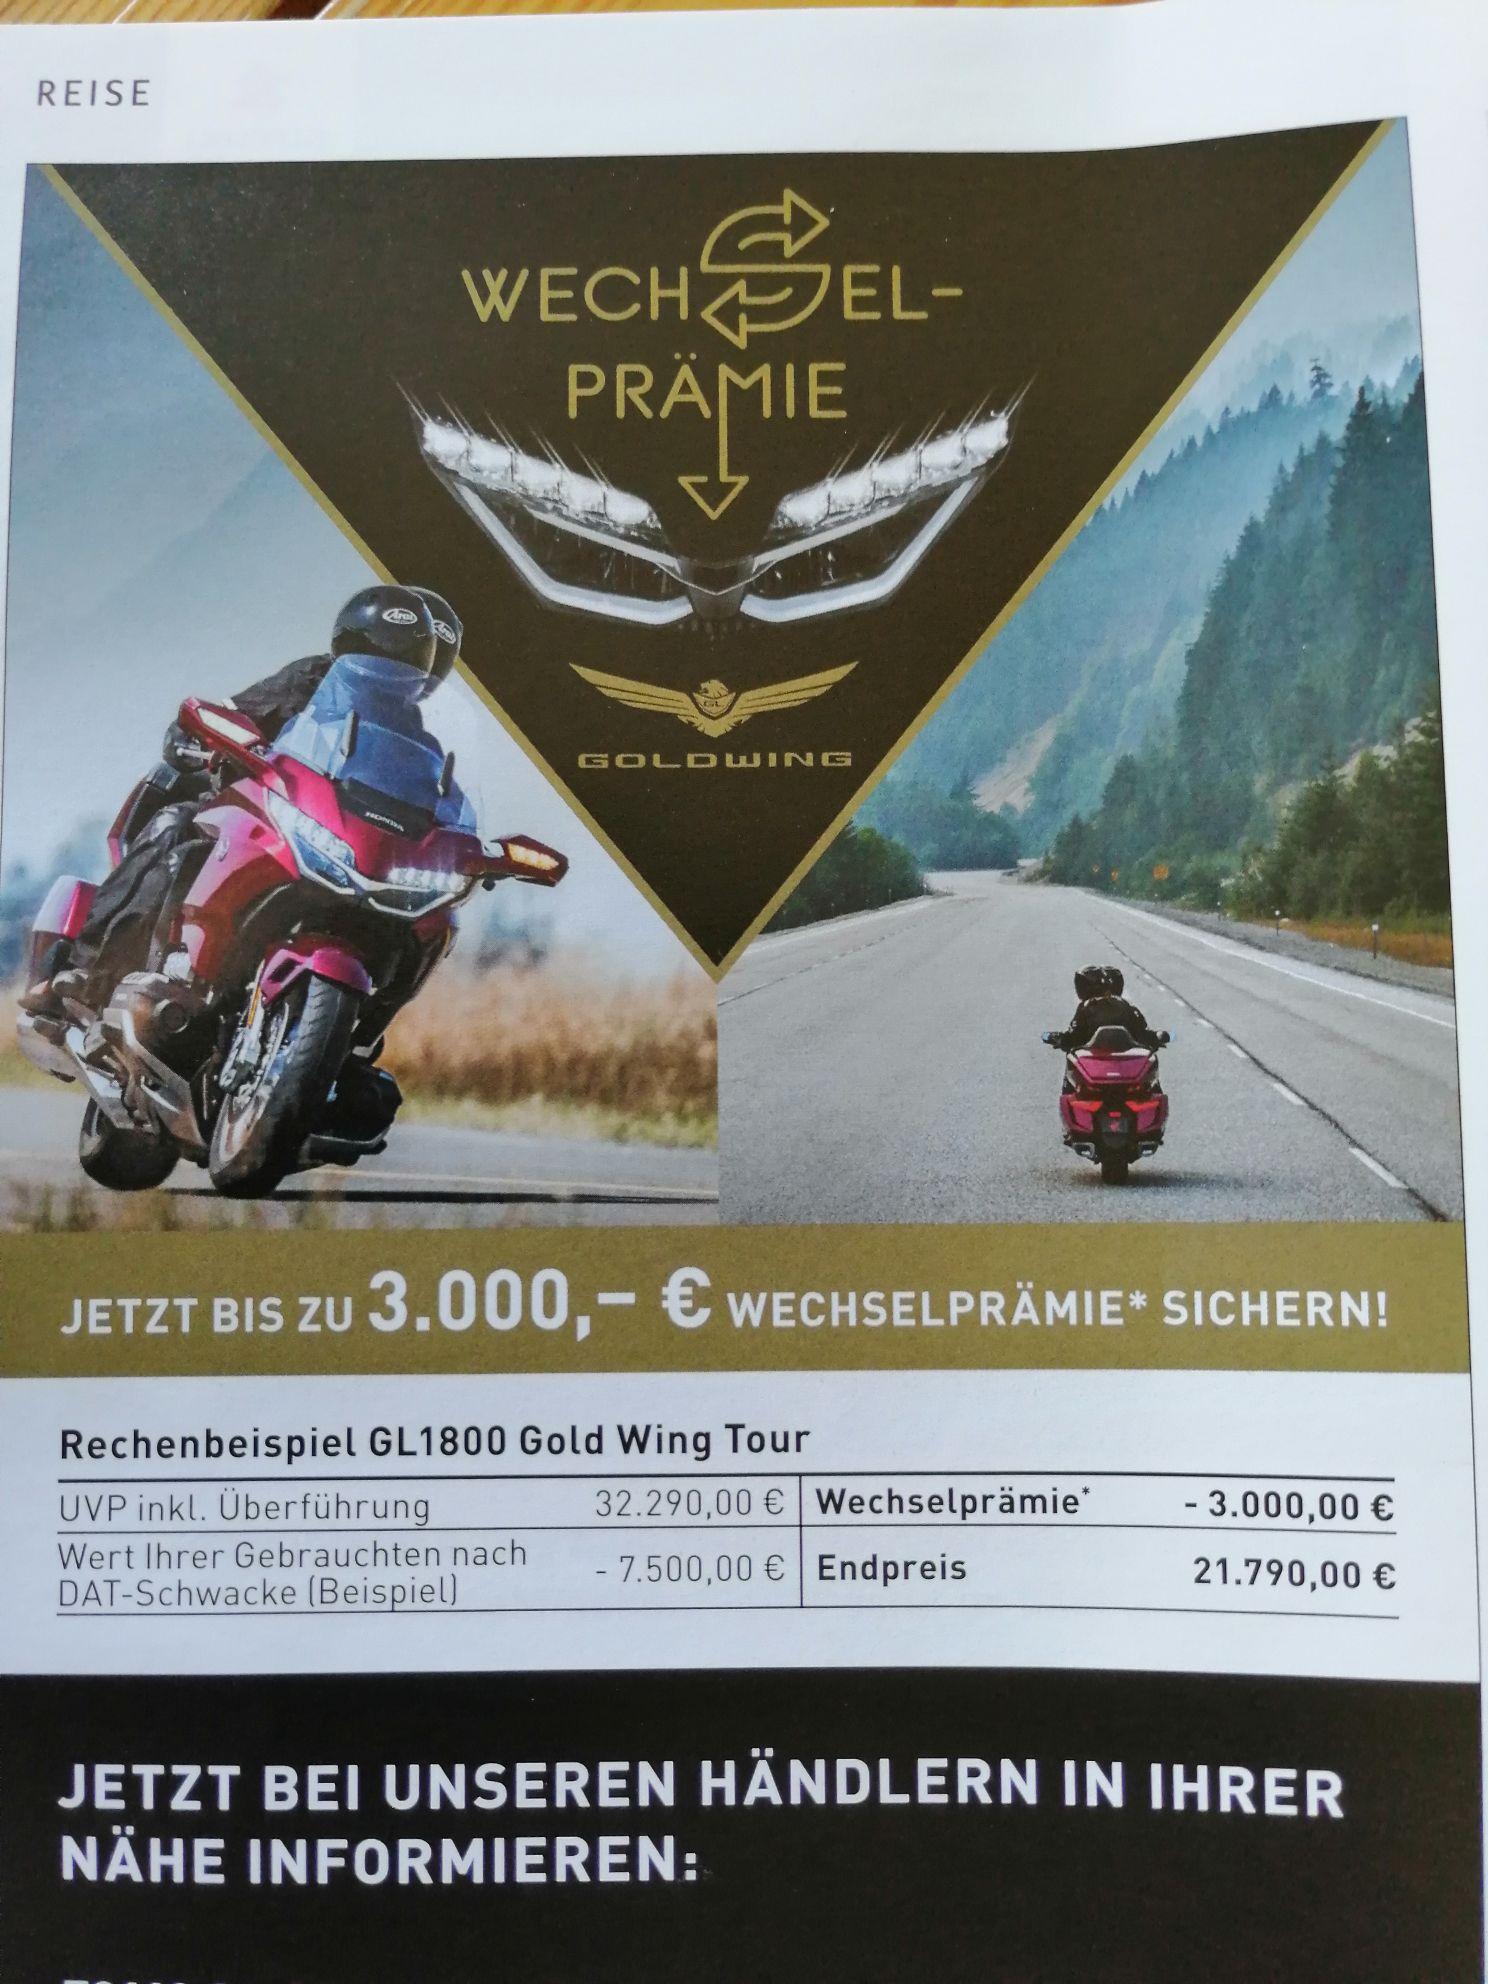 Wechsel Prämie 3000 Euro bei Honda für die Goldwing z. B. GL1800